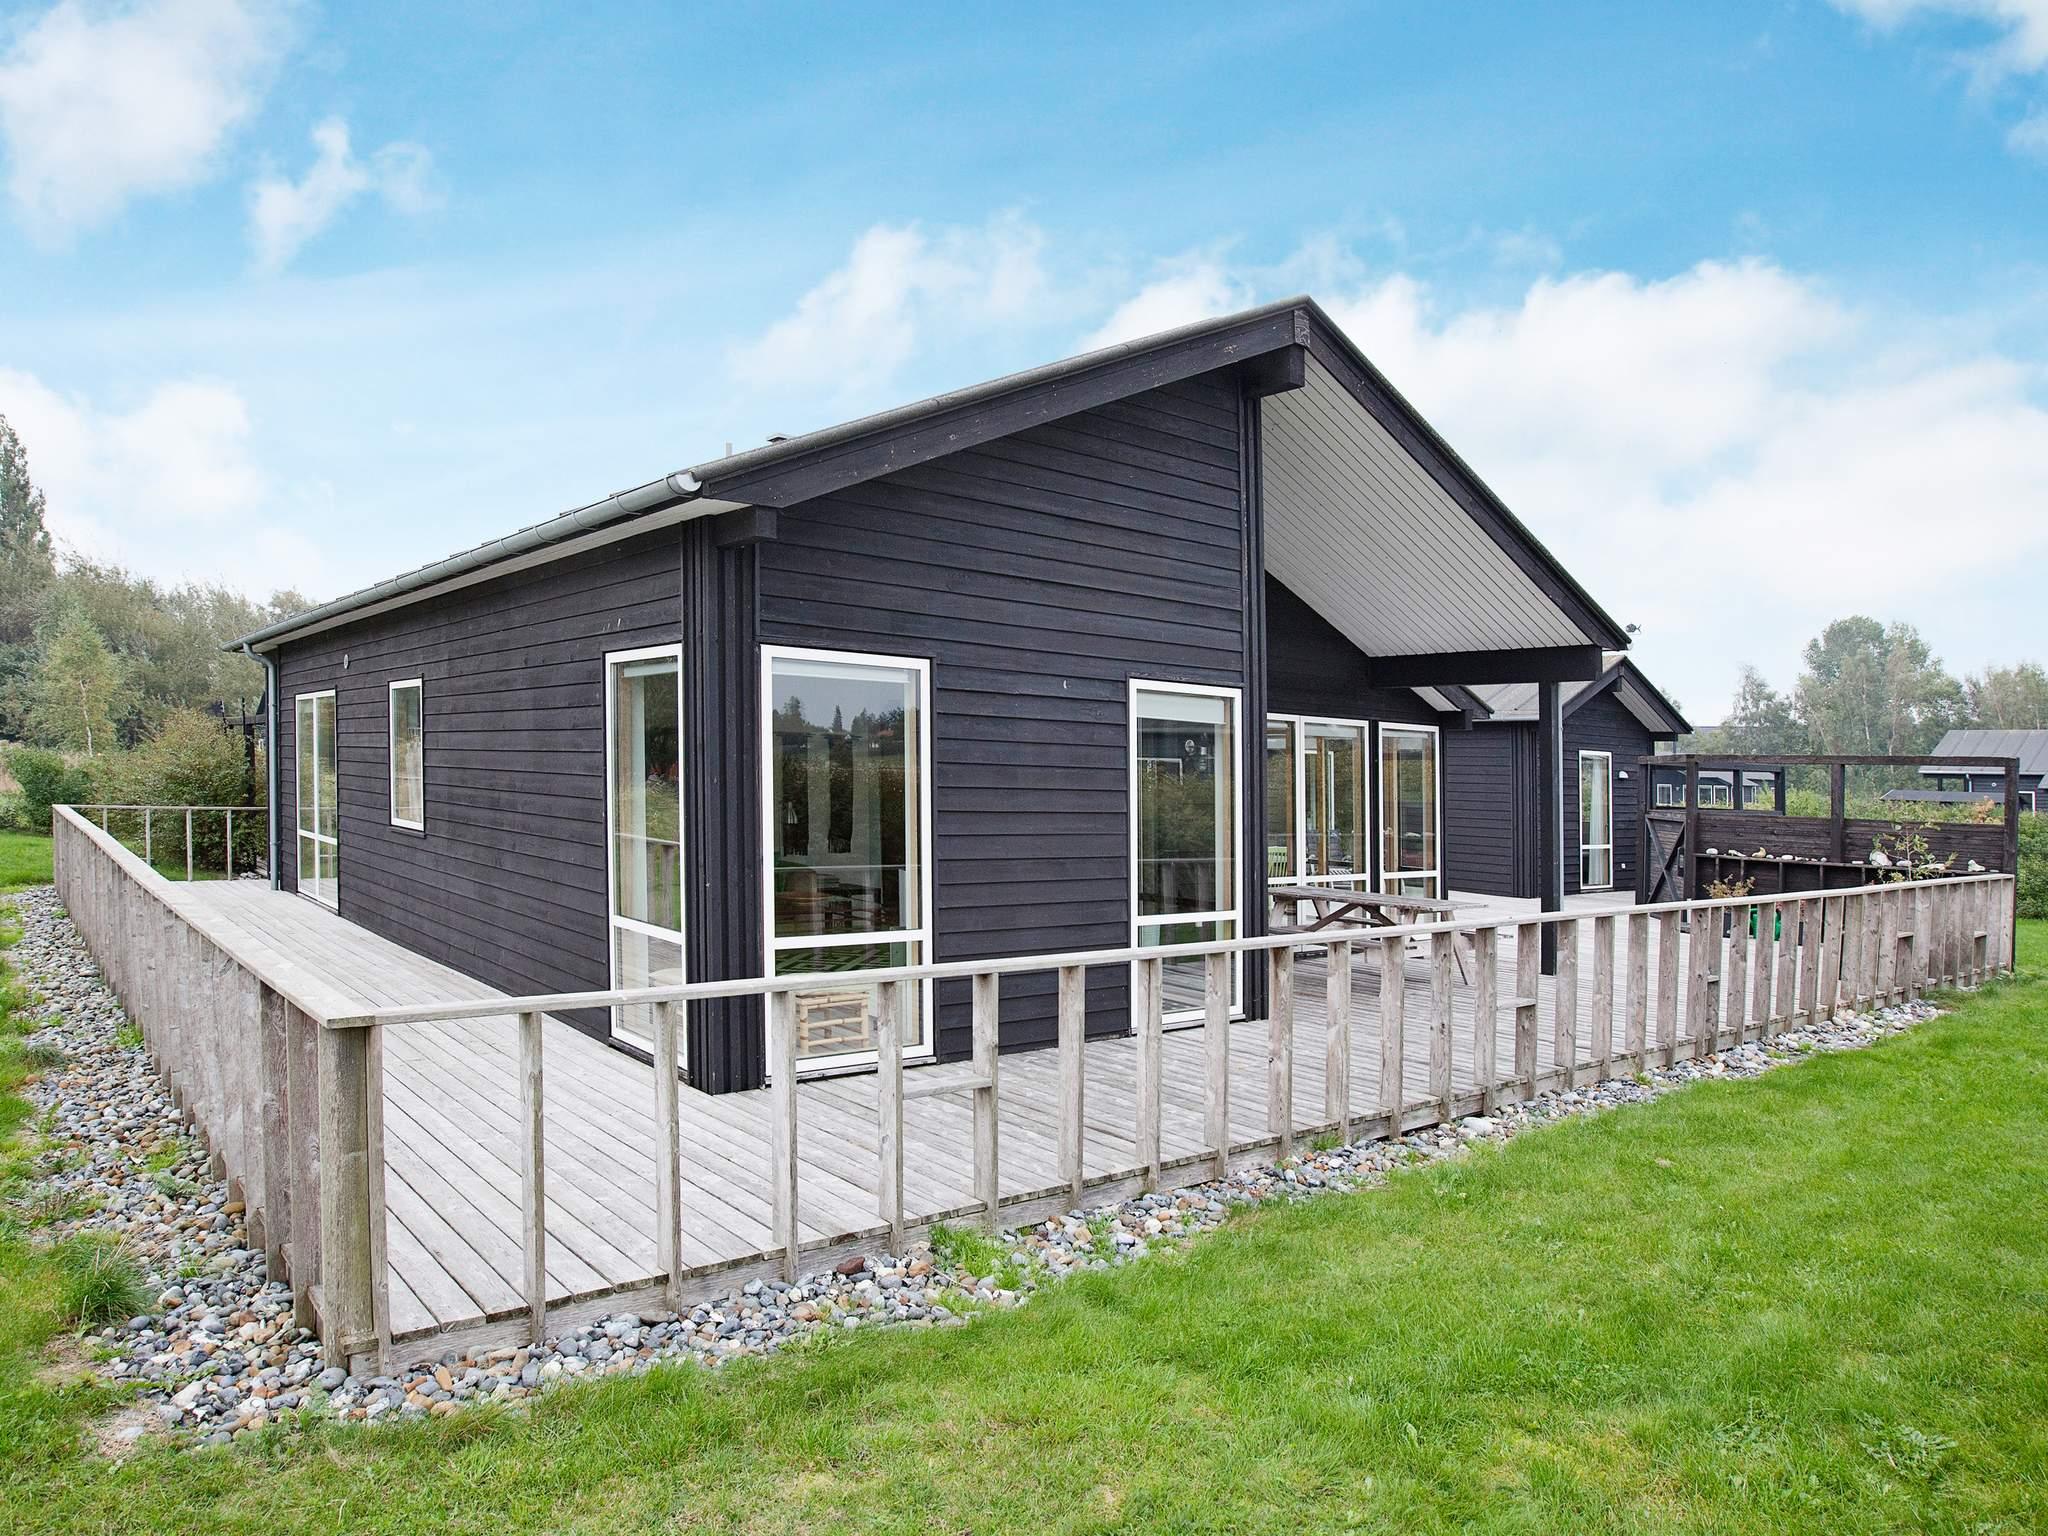 Ferienhaus Ulvshale (216908), Stege, , Møn, Dänemark, Bild 15